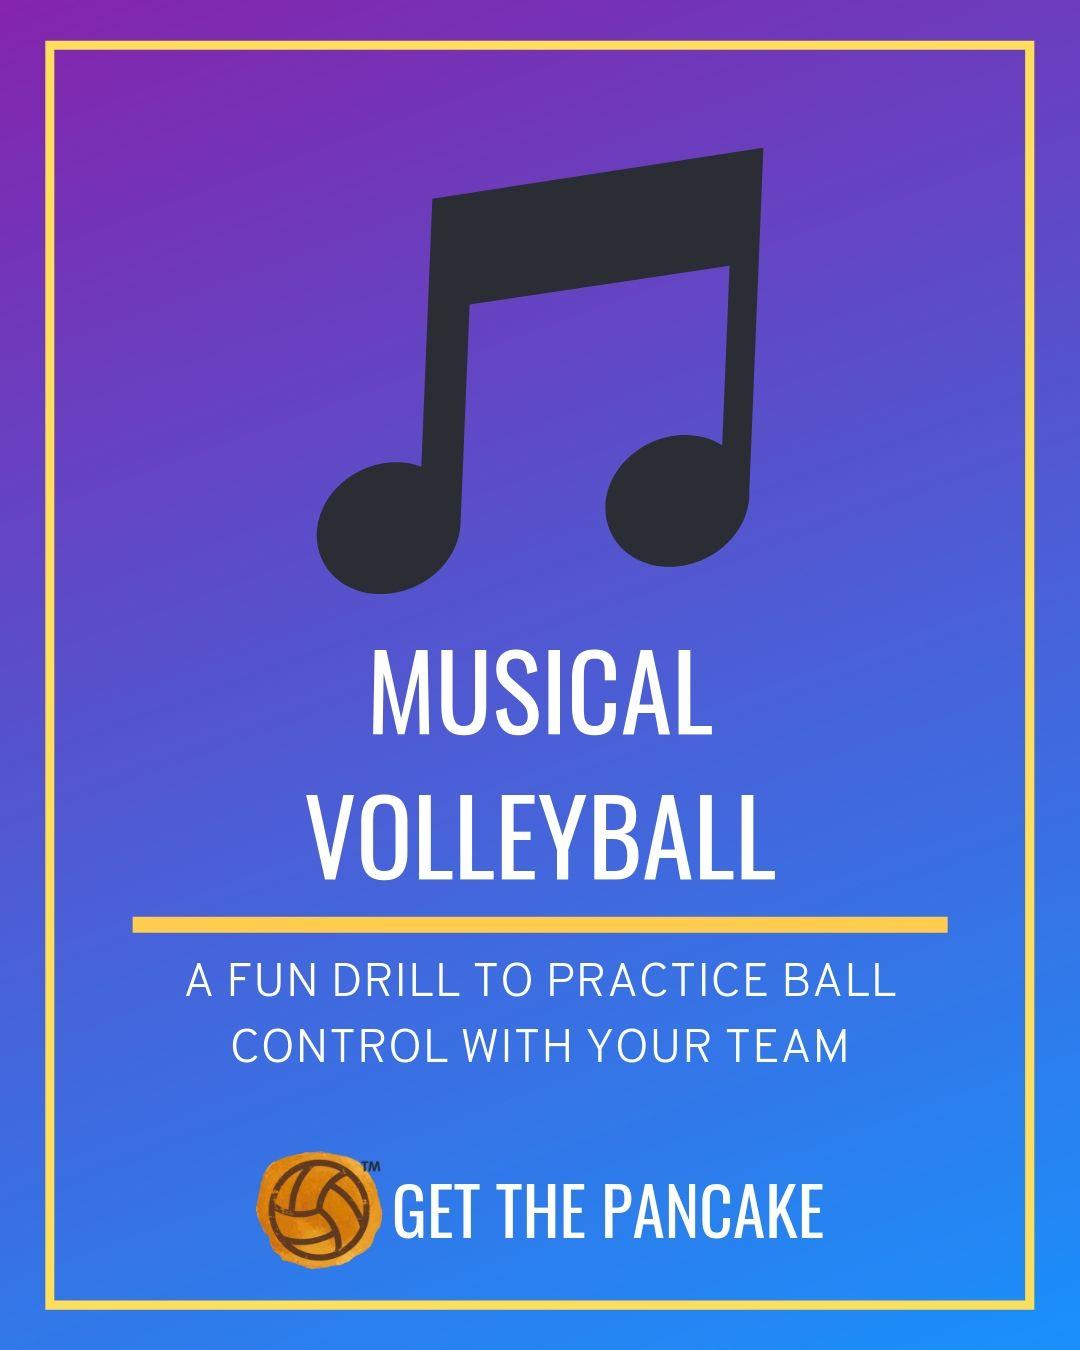 Musical Volleyball.jpg